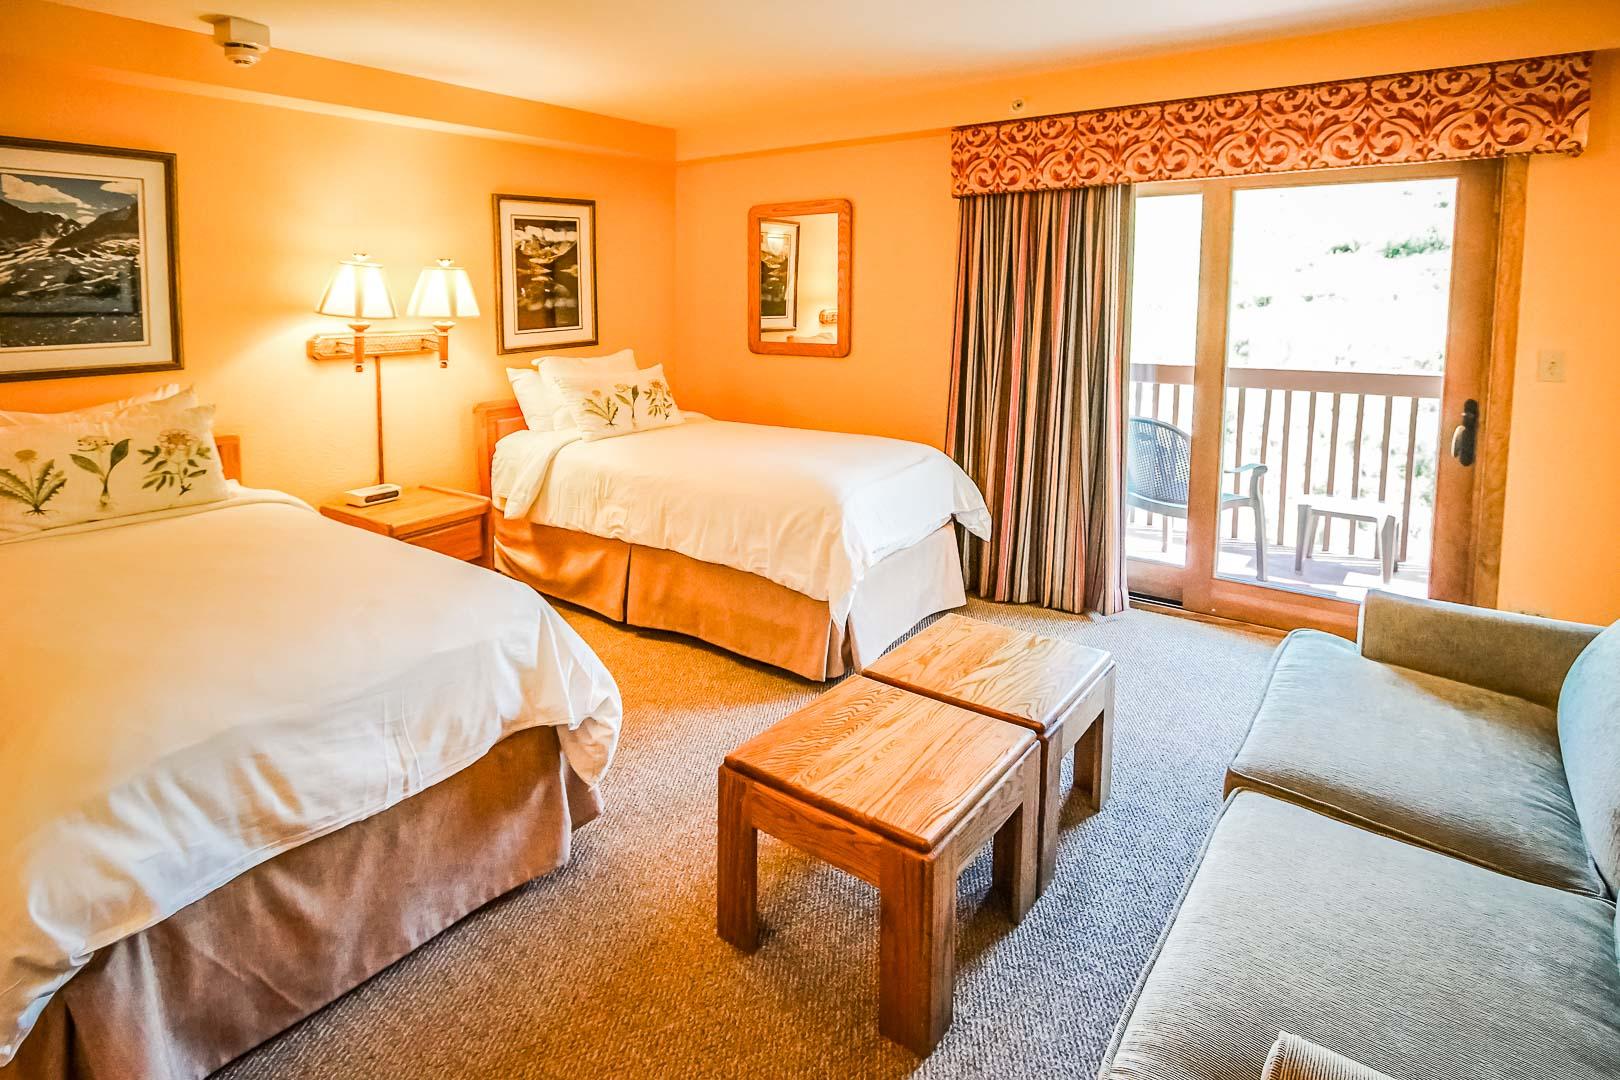 A vibrant bedroom at VRI's Cedar at Streamside in Colorado.